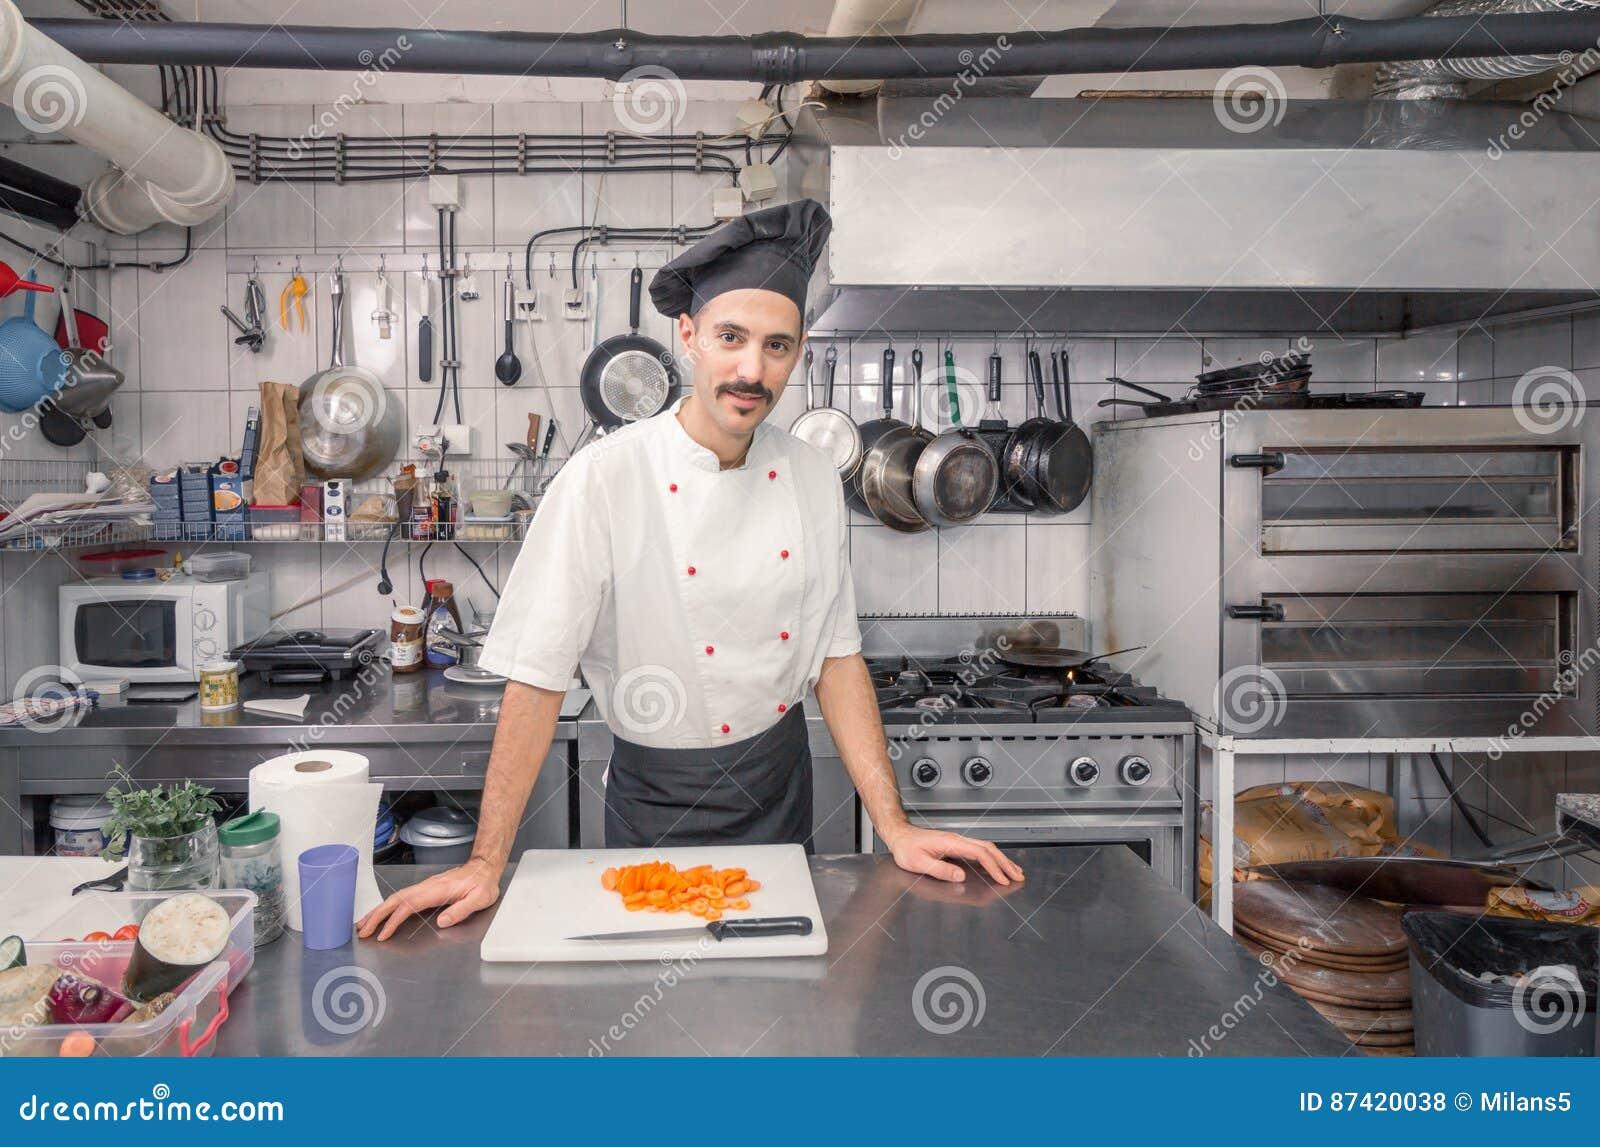 英俊的年轻厨师,商业厨房